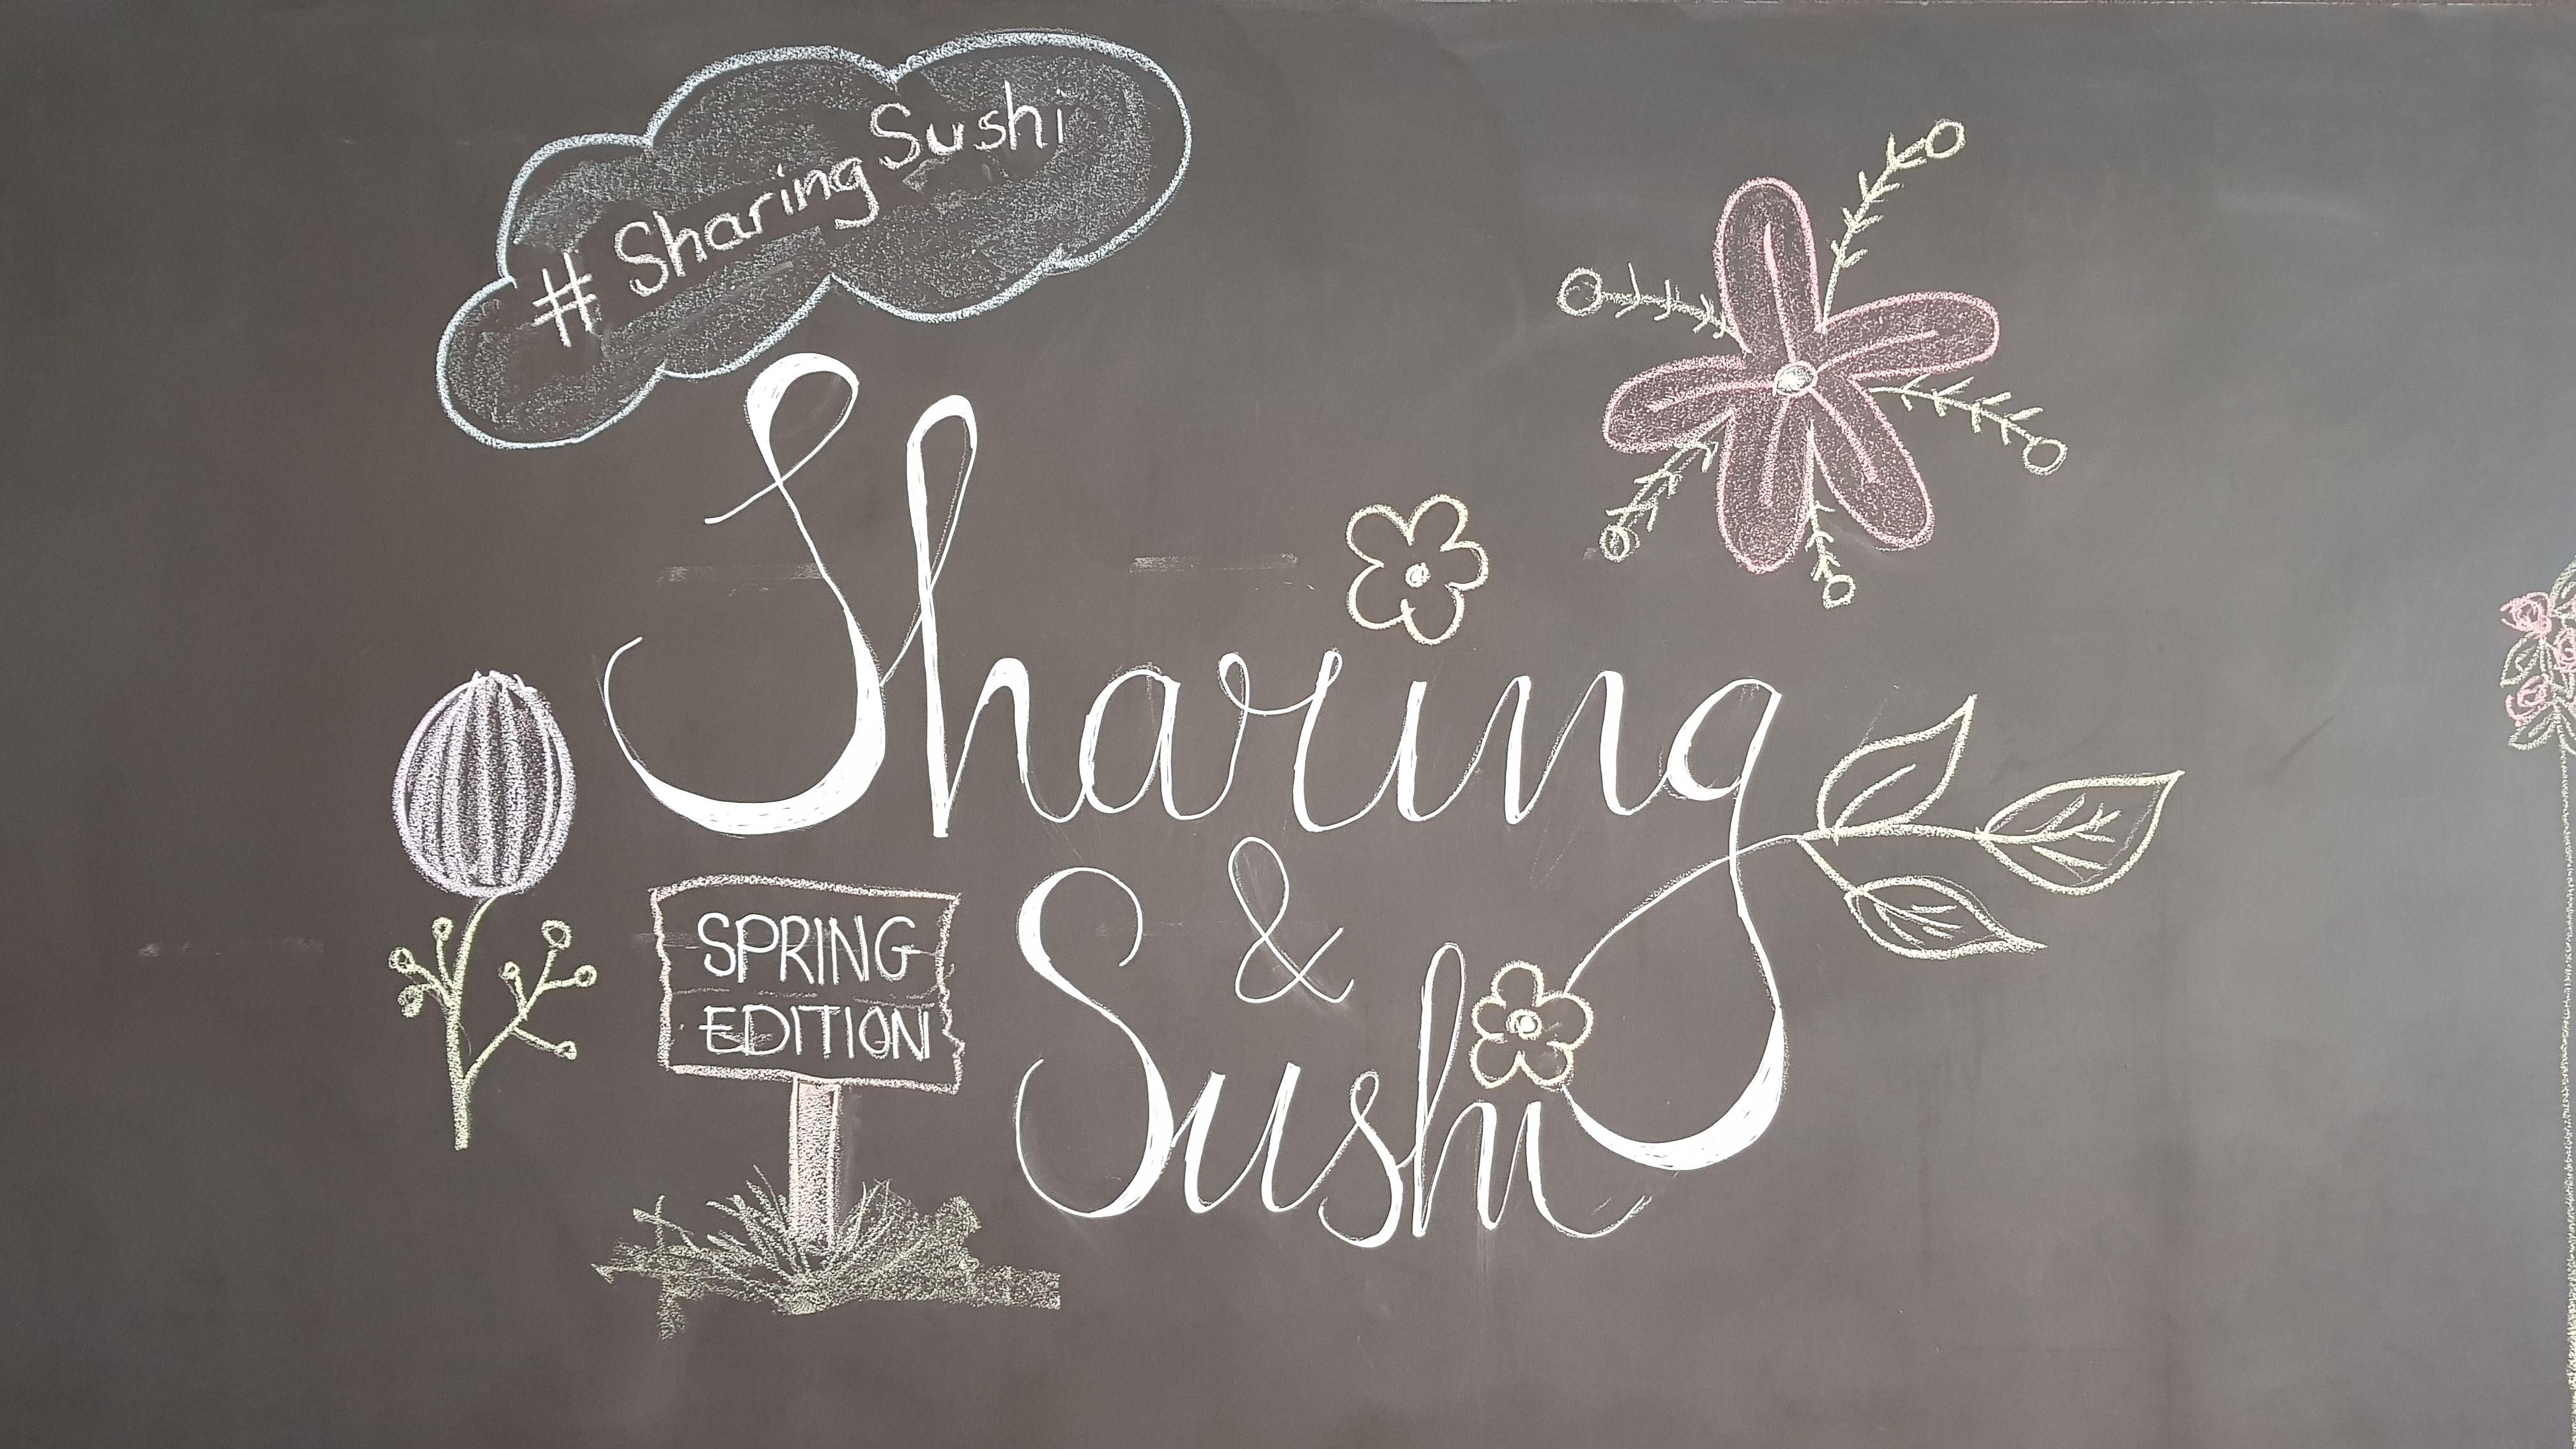 Krijtbord met Sharing en Sushi tekst